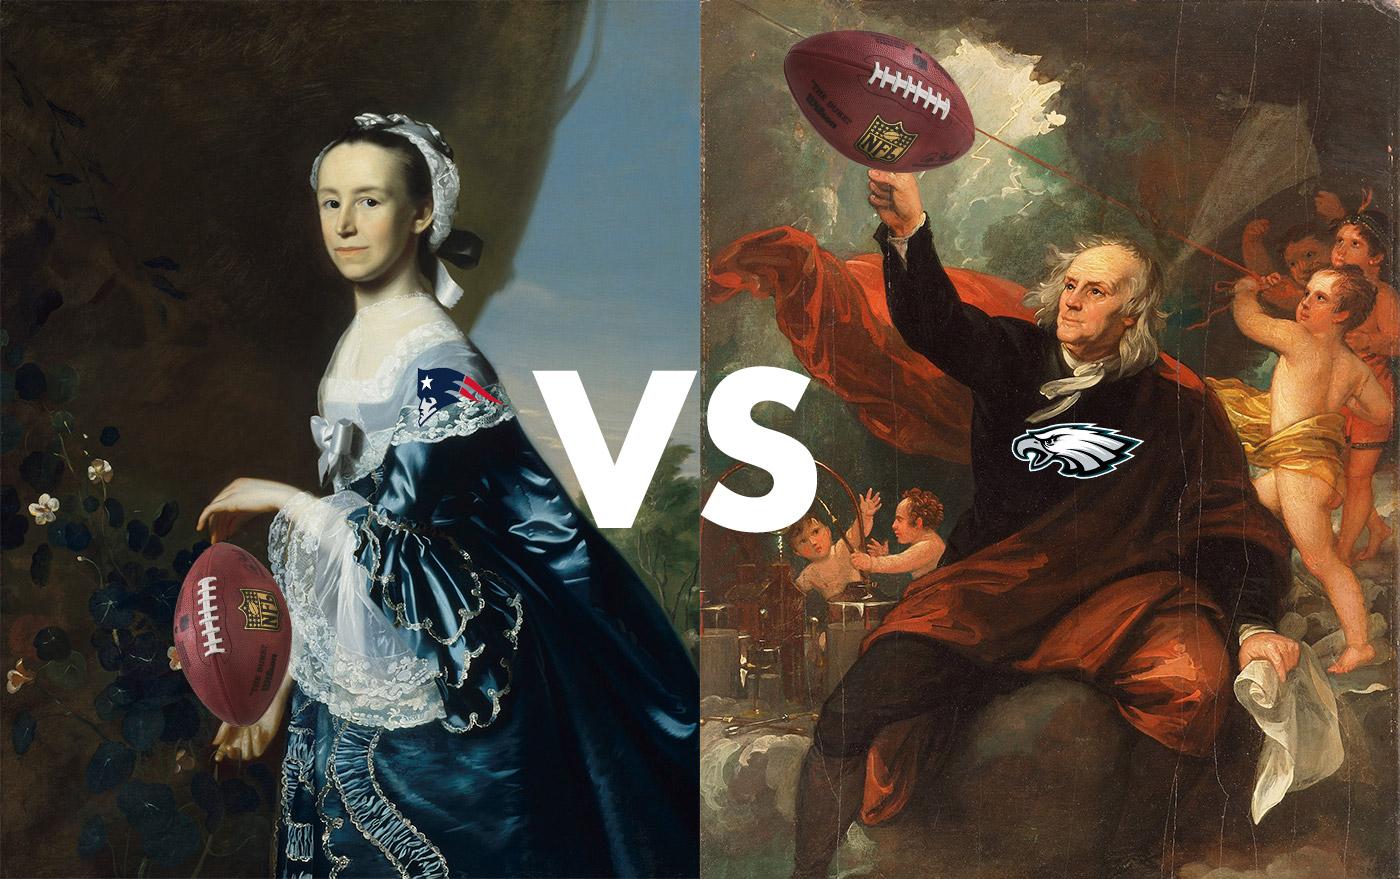 https://hyperallergic.com/424854/mfa-boston-philadelphia-museum-art-super-bowl-bet/